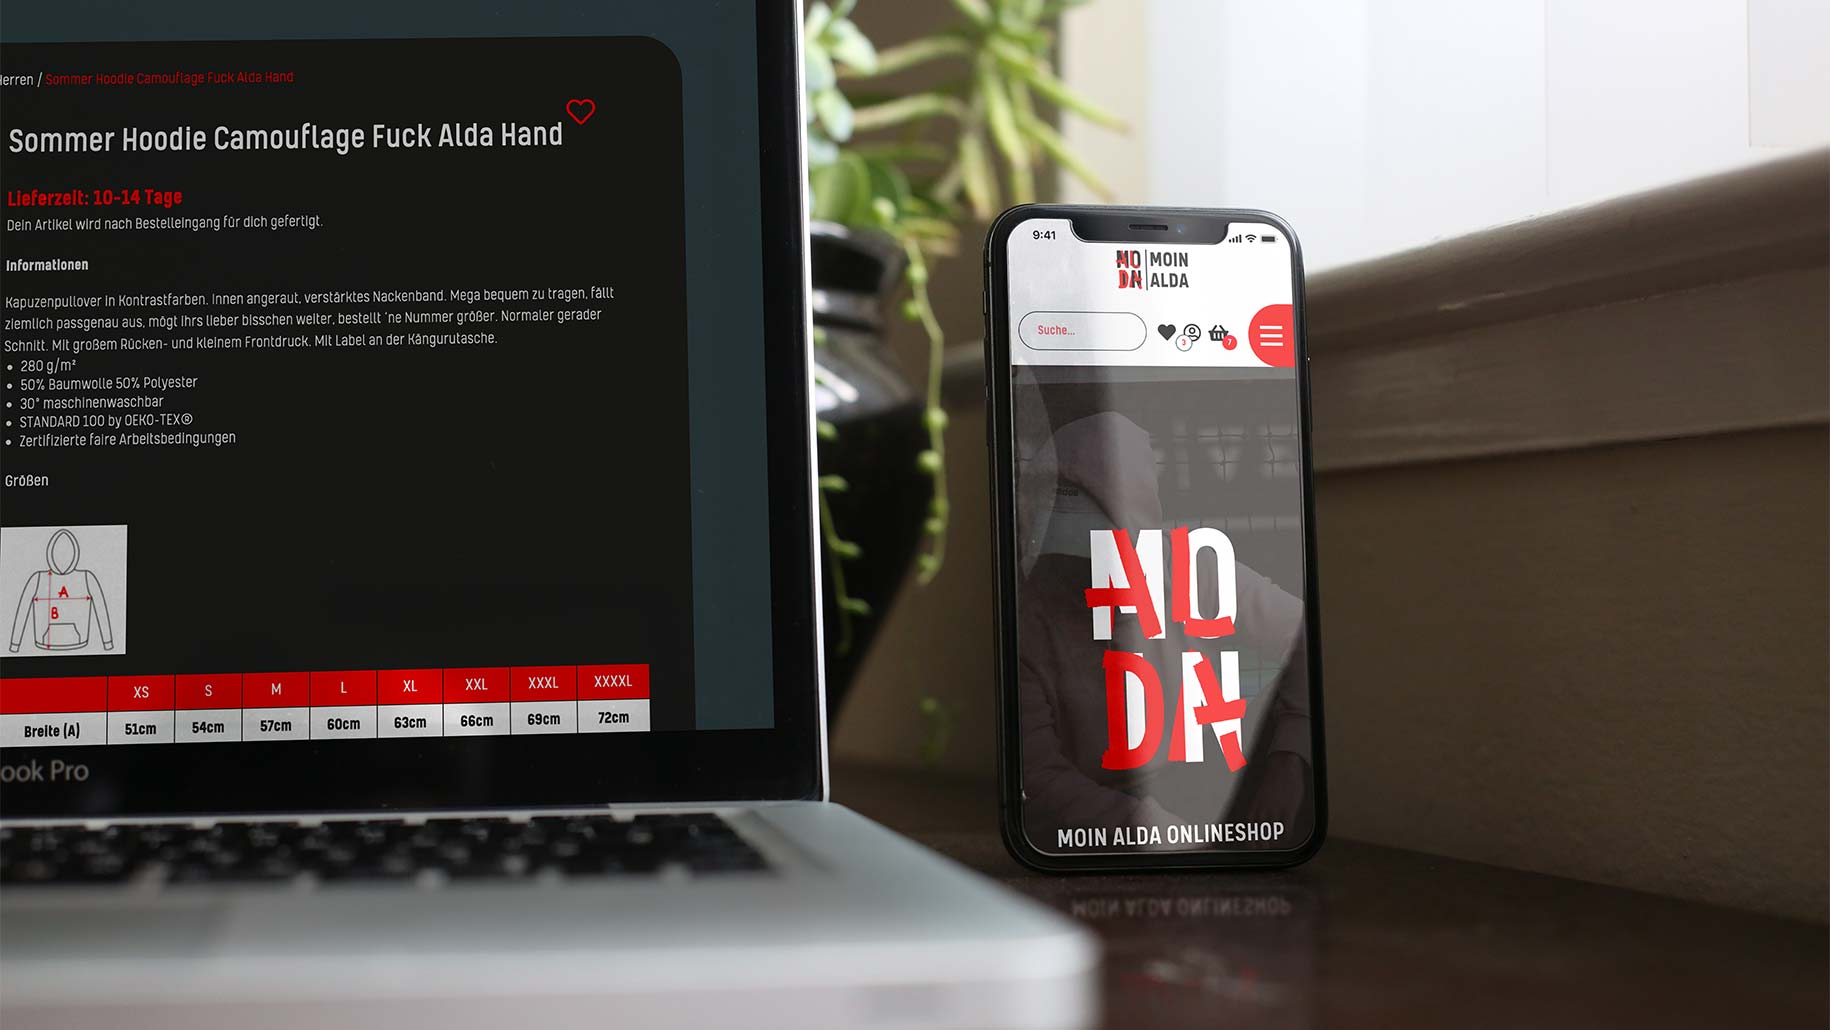 Screendesign von Moin-Alda.Shop-by Wilke Zierden - auf Smartphone und Laptop